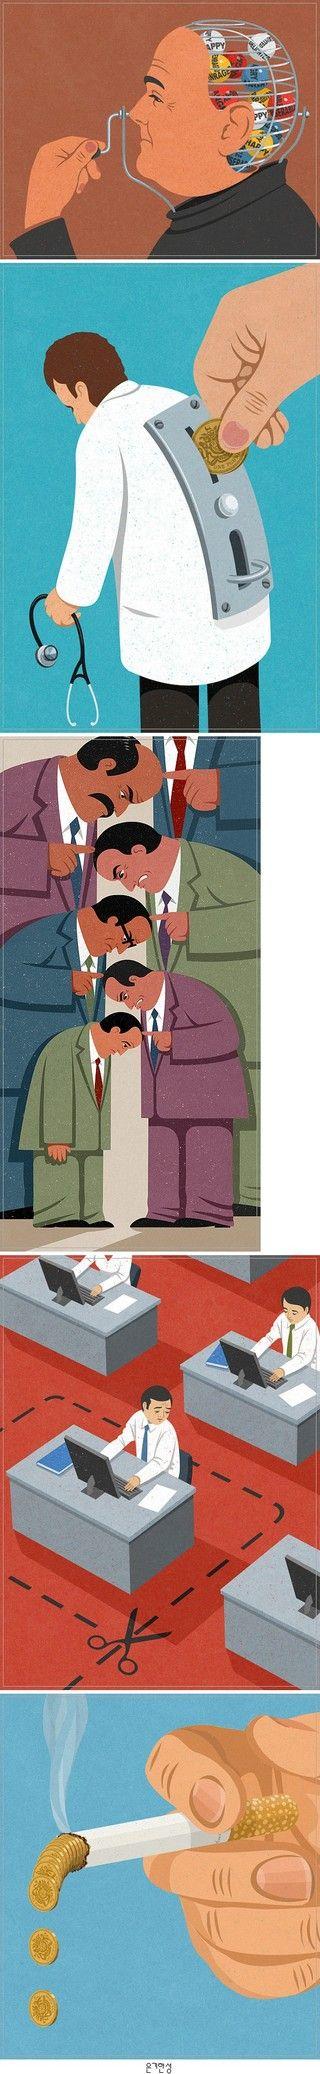 슬픈 현실을 보여주는 듯한 일러스트 by 은기한성 on interest.me